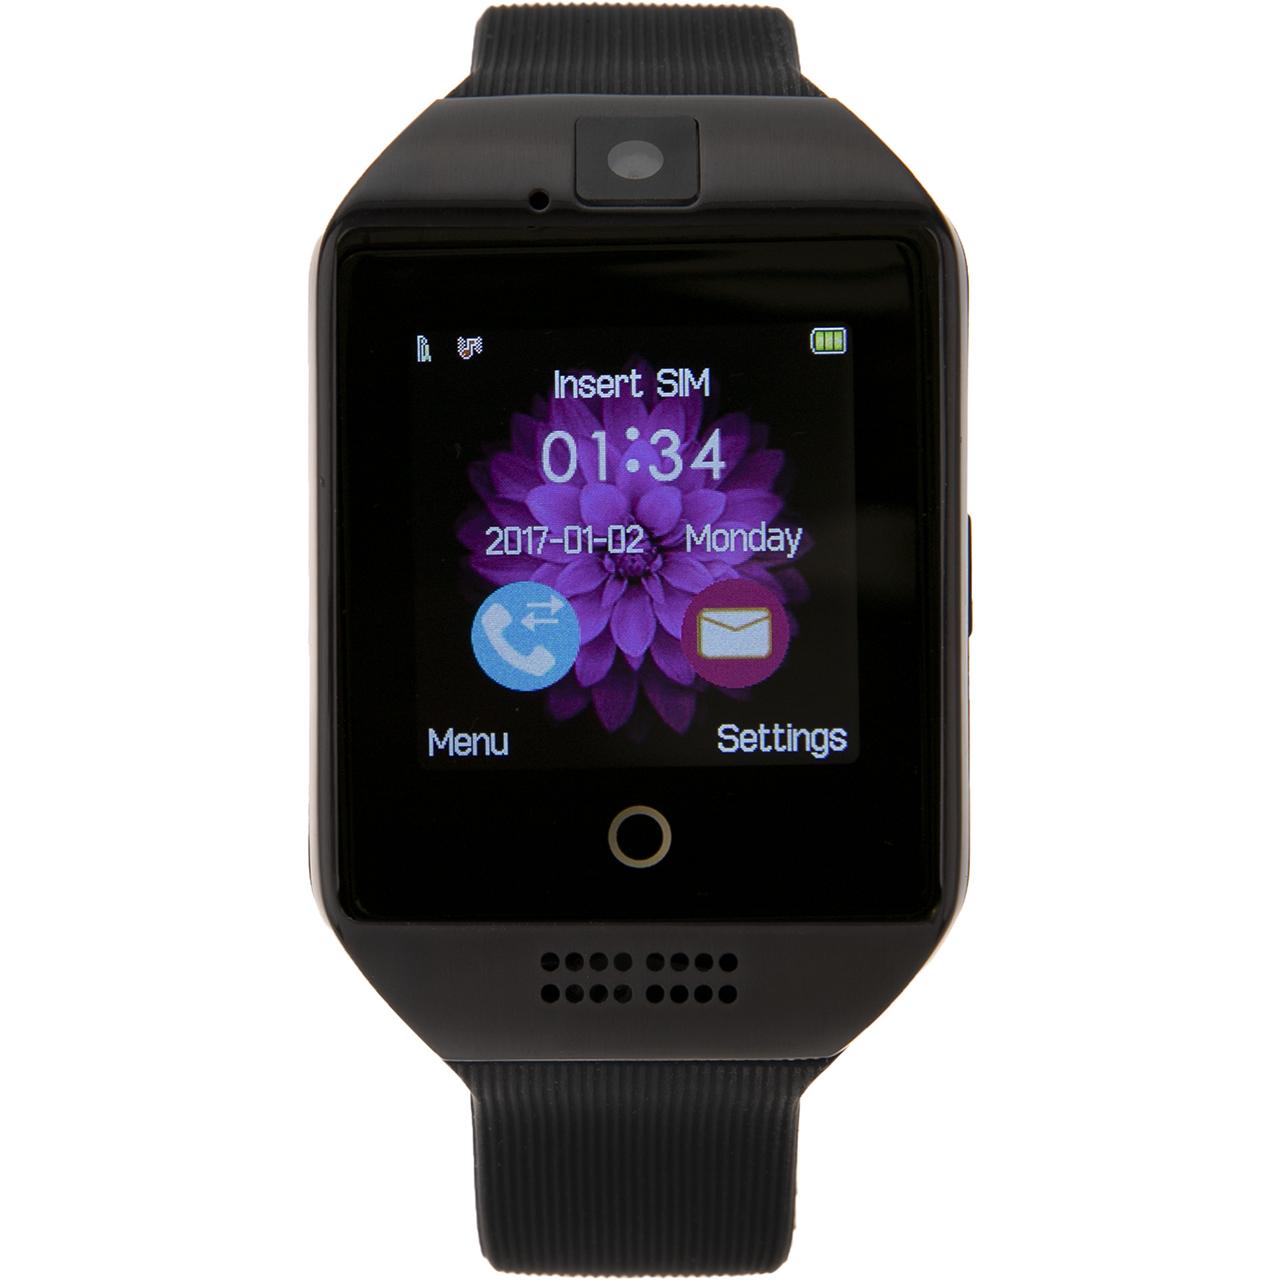 ساعت هوشمند تی سریز مدل Q18 الف 001